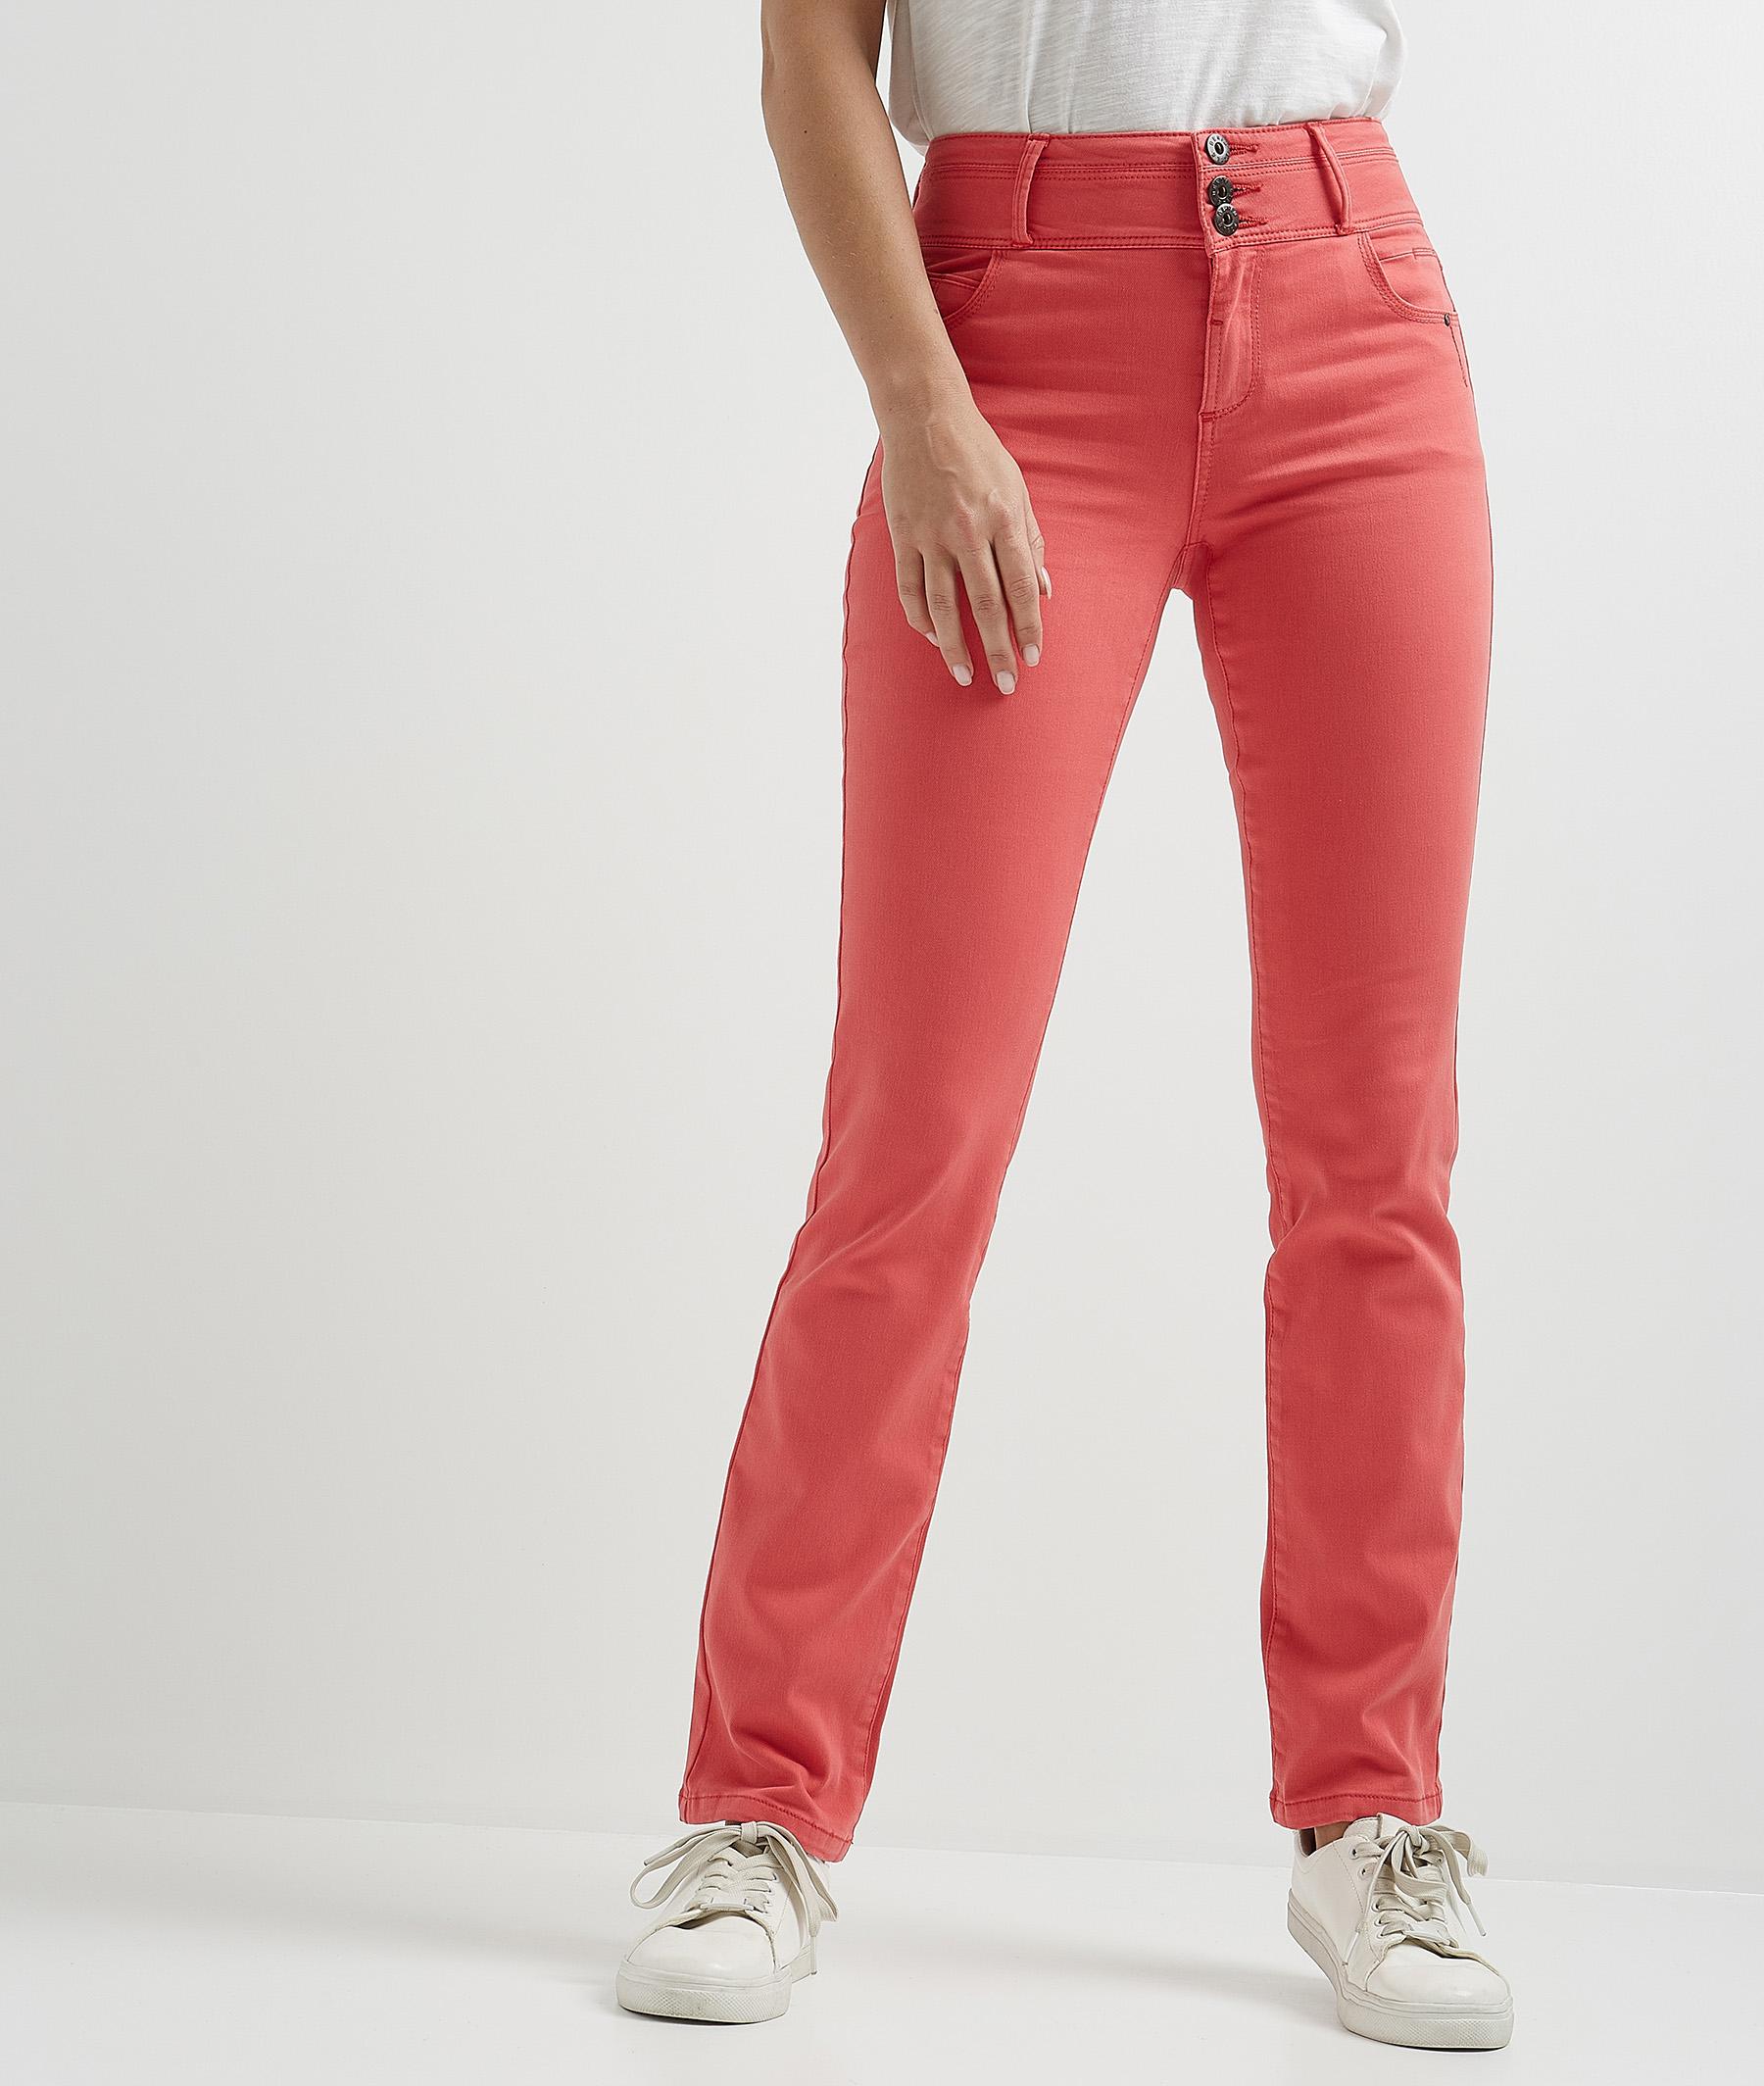 Pantalon femme droit taille haute CORAIL